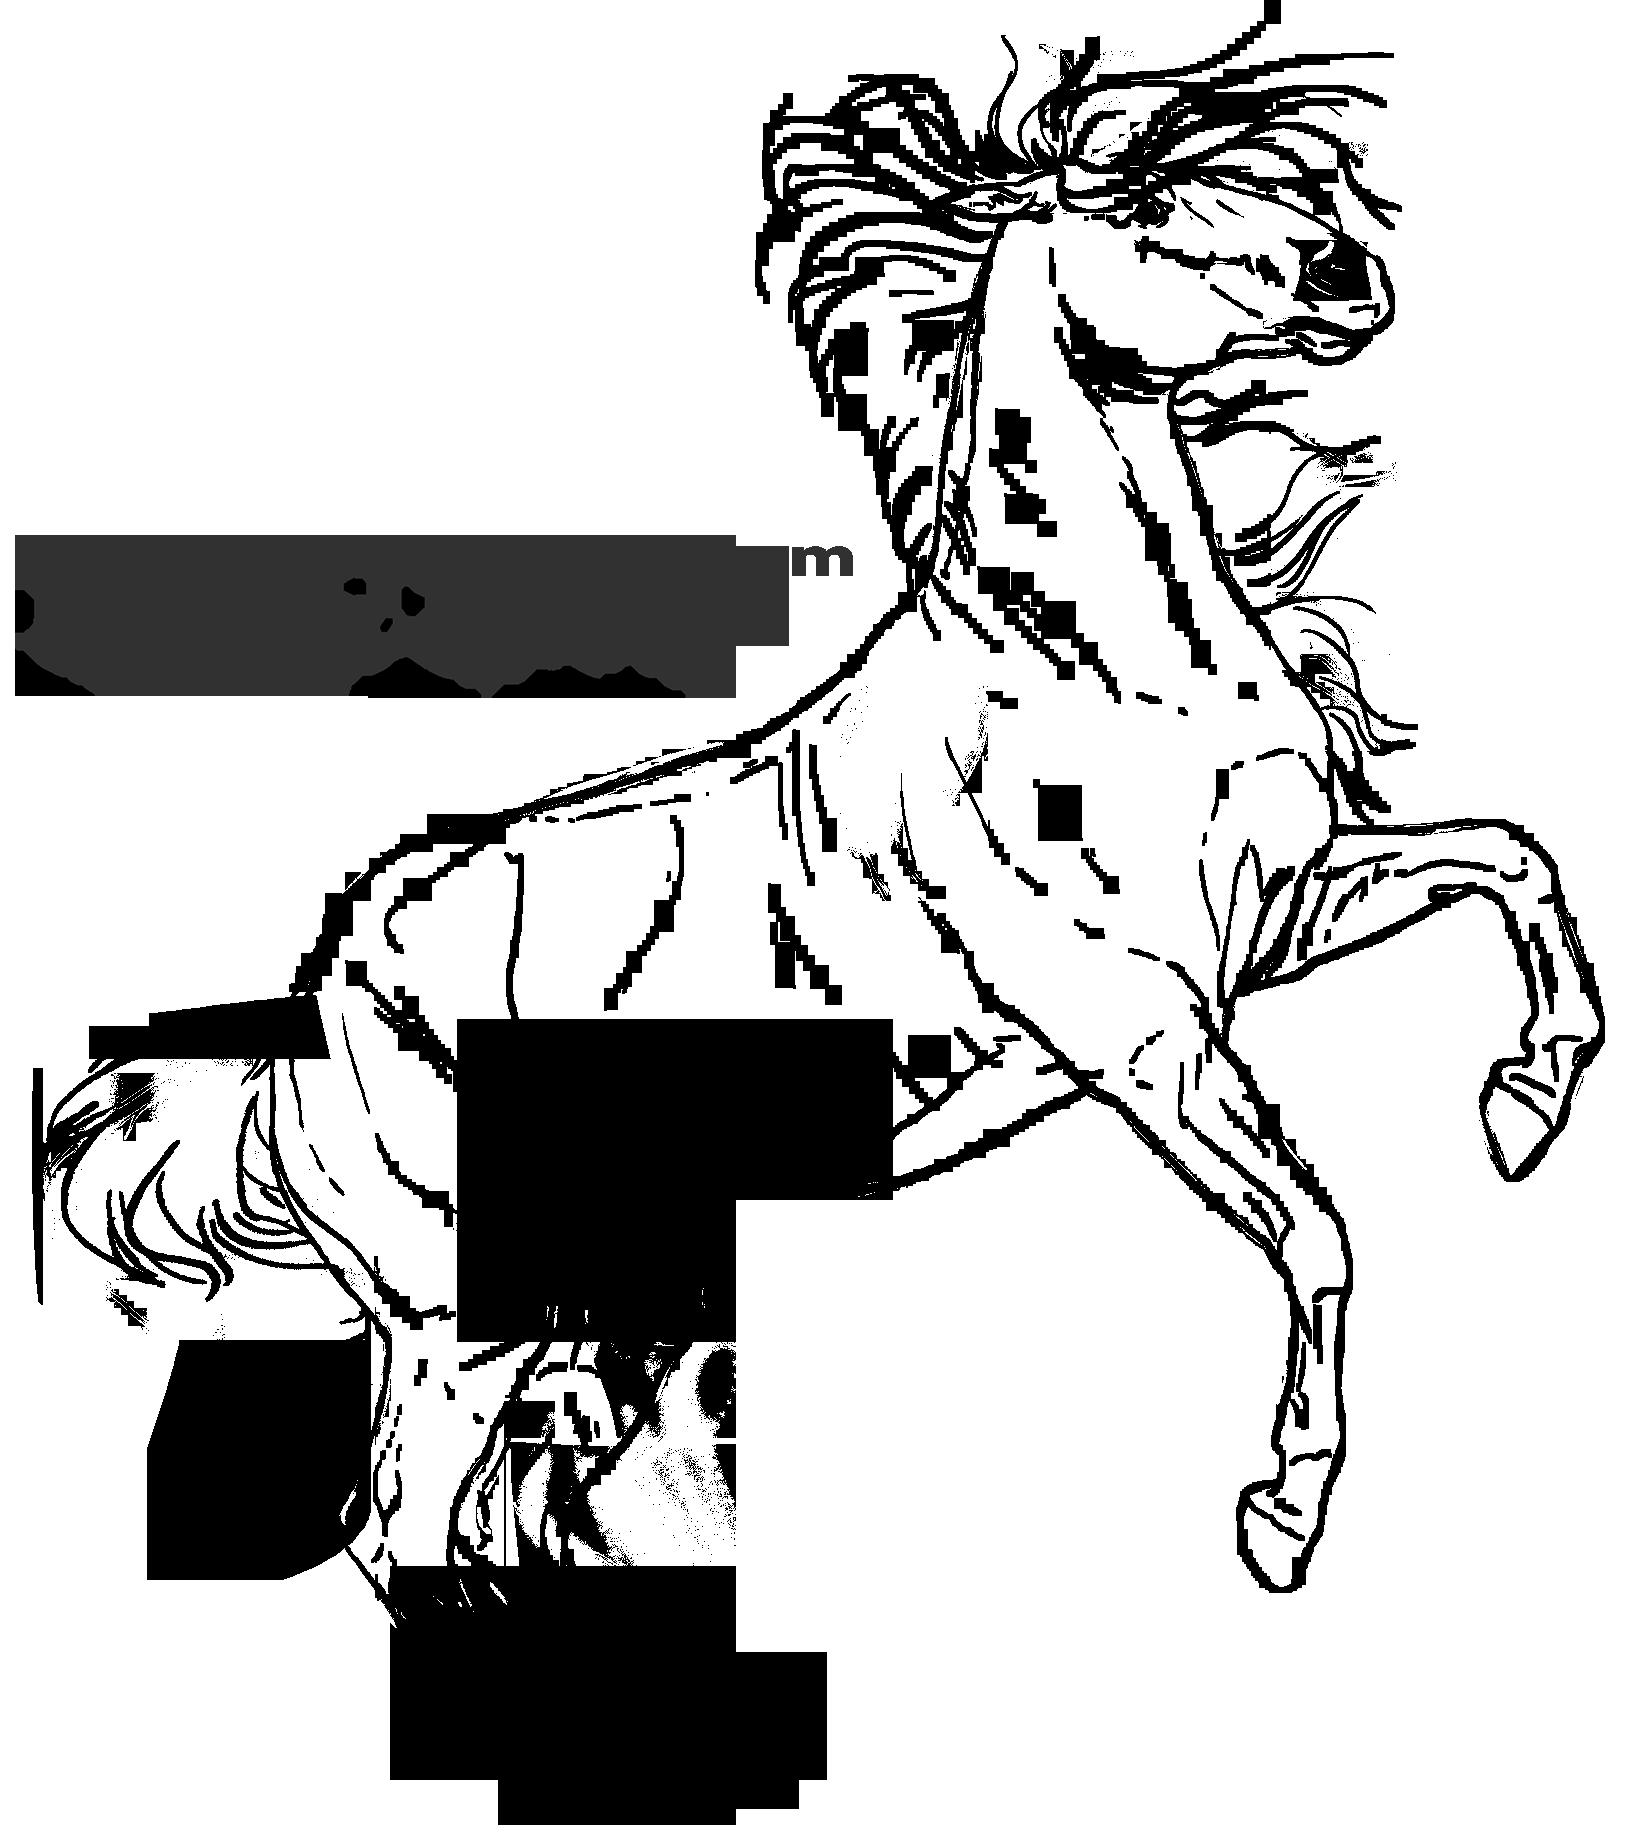 Les bases de Seenae [ED+EC] 29 bases =) 2 NEW (02/05/15)  - Page 7 618177basecabr